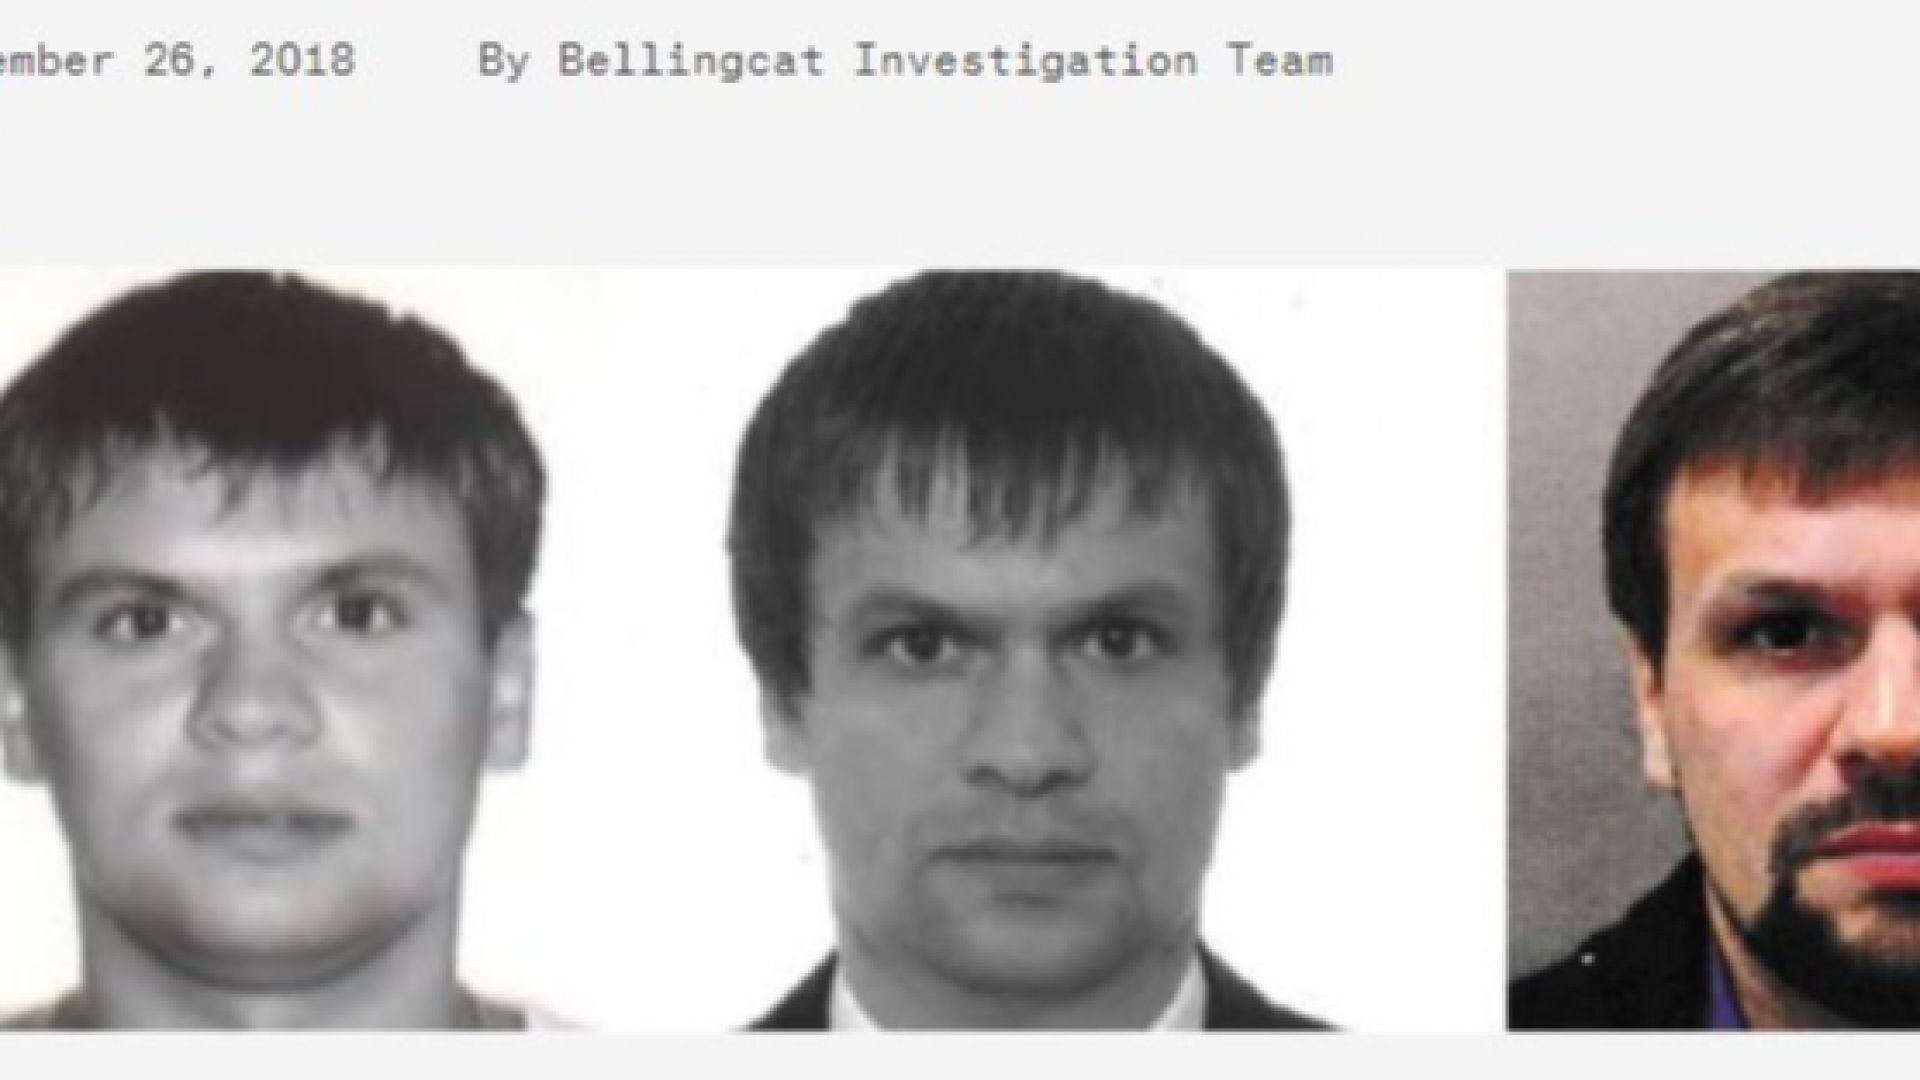 Истинското име на Руслан Боширов било Чепига - полковник от ГРУ